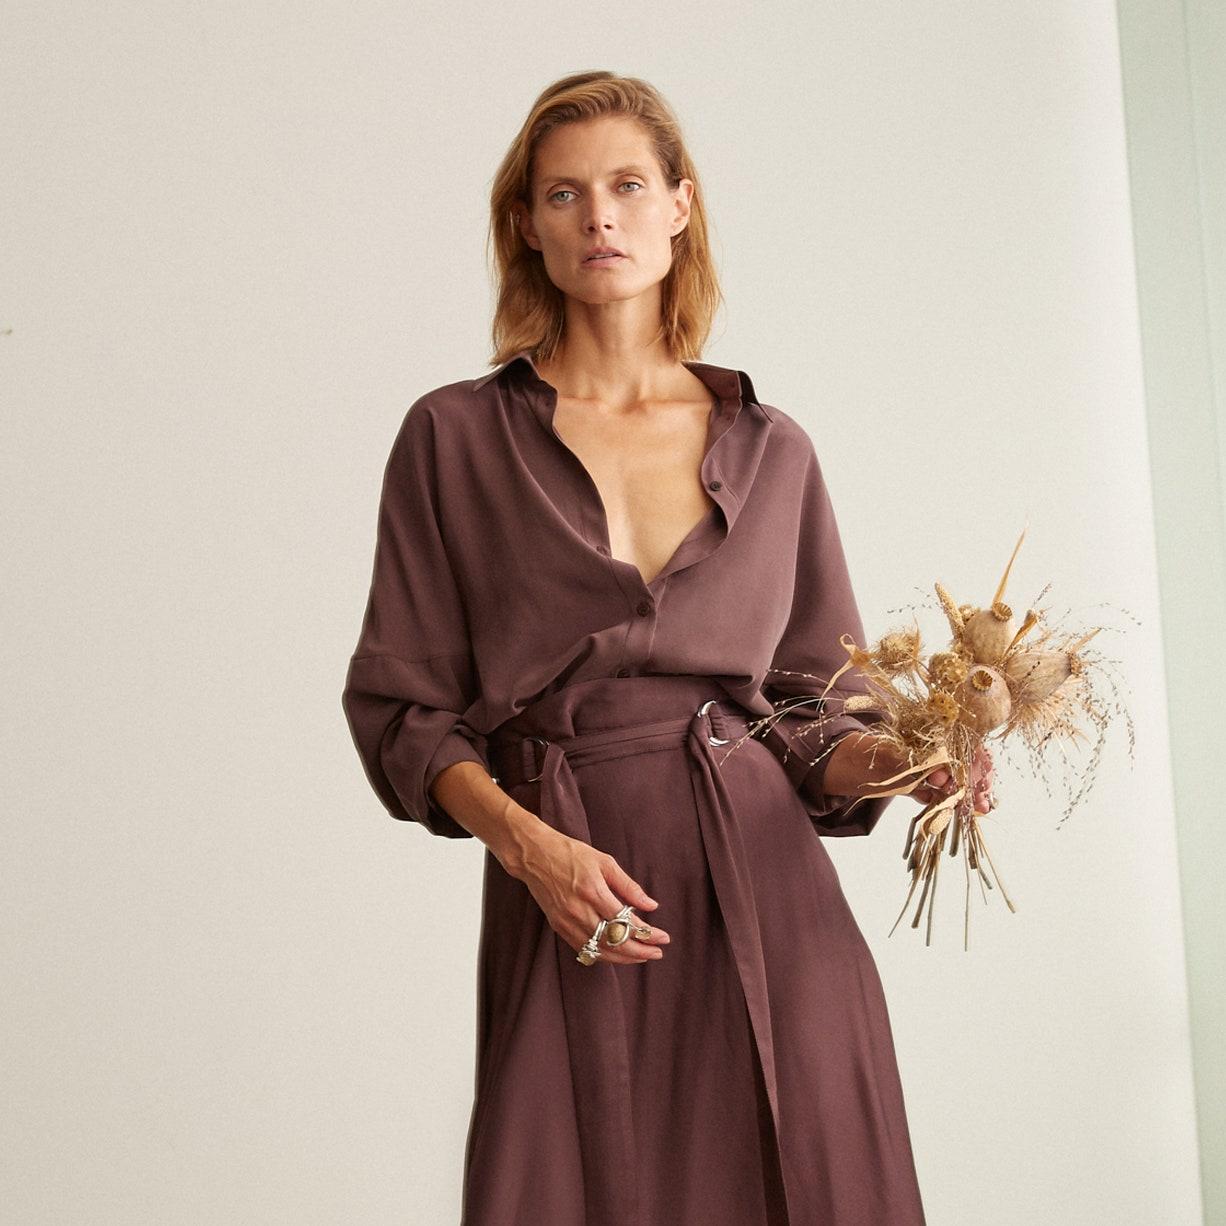 Экологичная мода: 15 основных правил в гиде Vogue